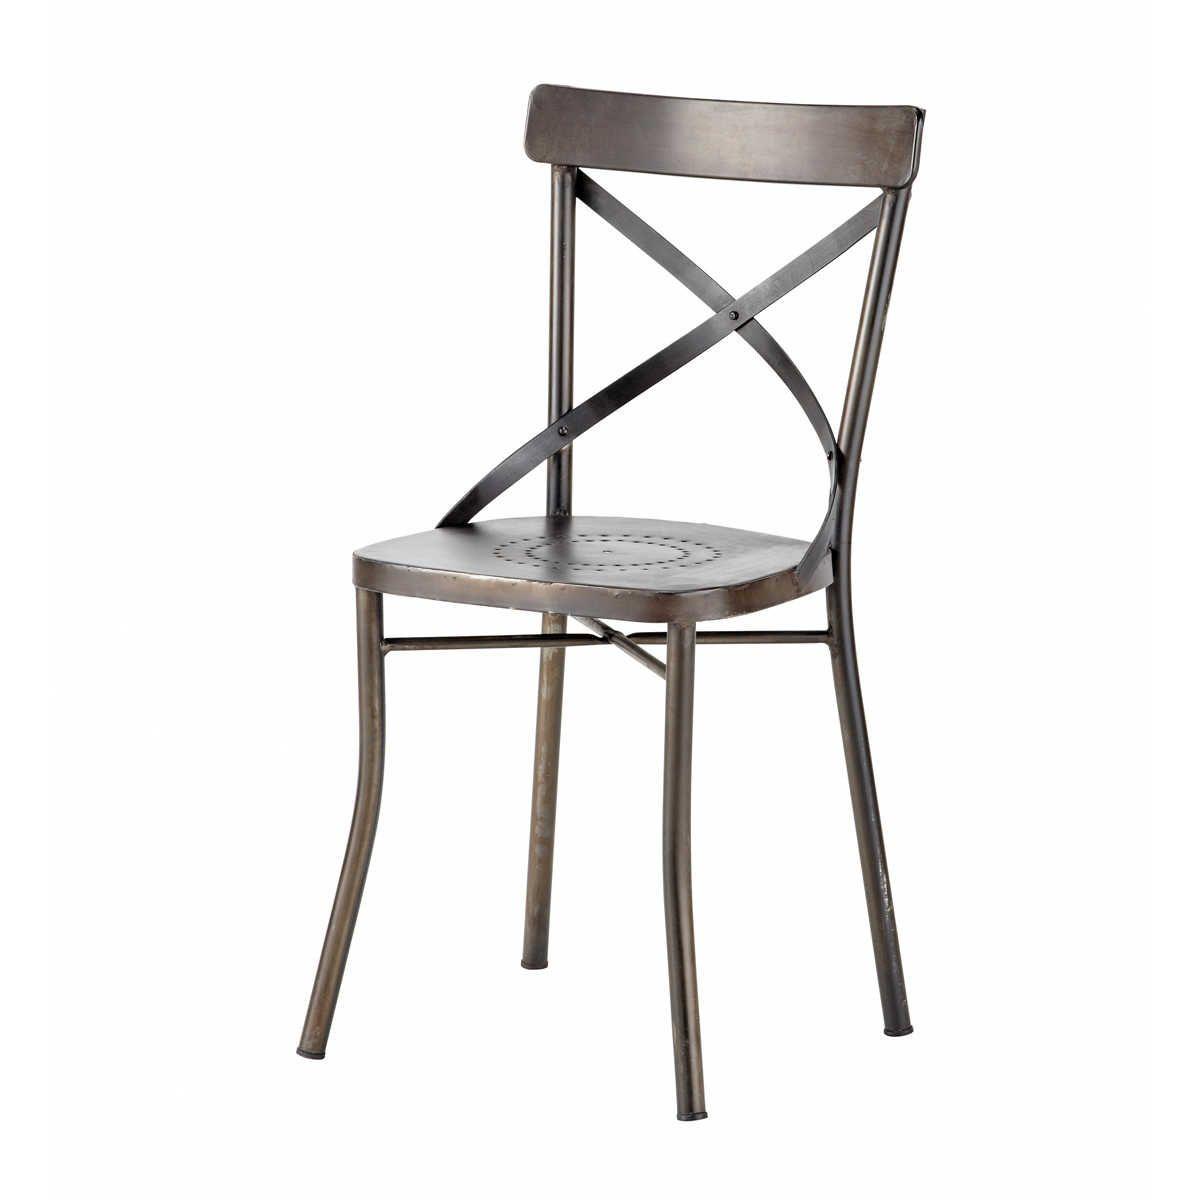 Chaise De Jardin En Metal Noir Maisons Du Monde Garden Chairs Metal Garden Chairs Metal Chairs